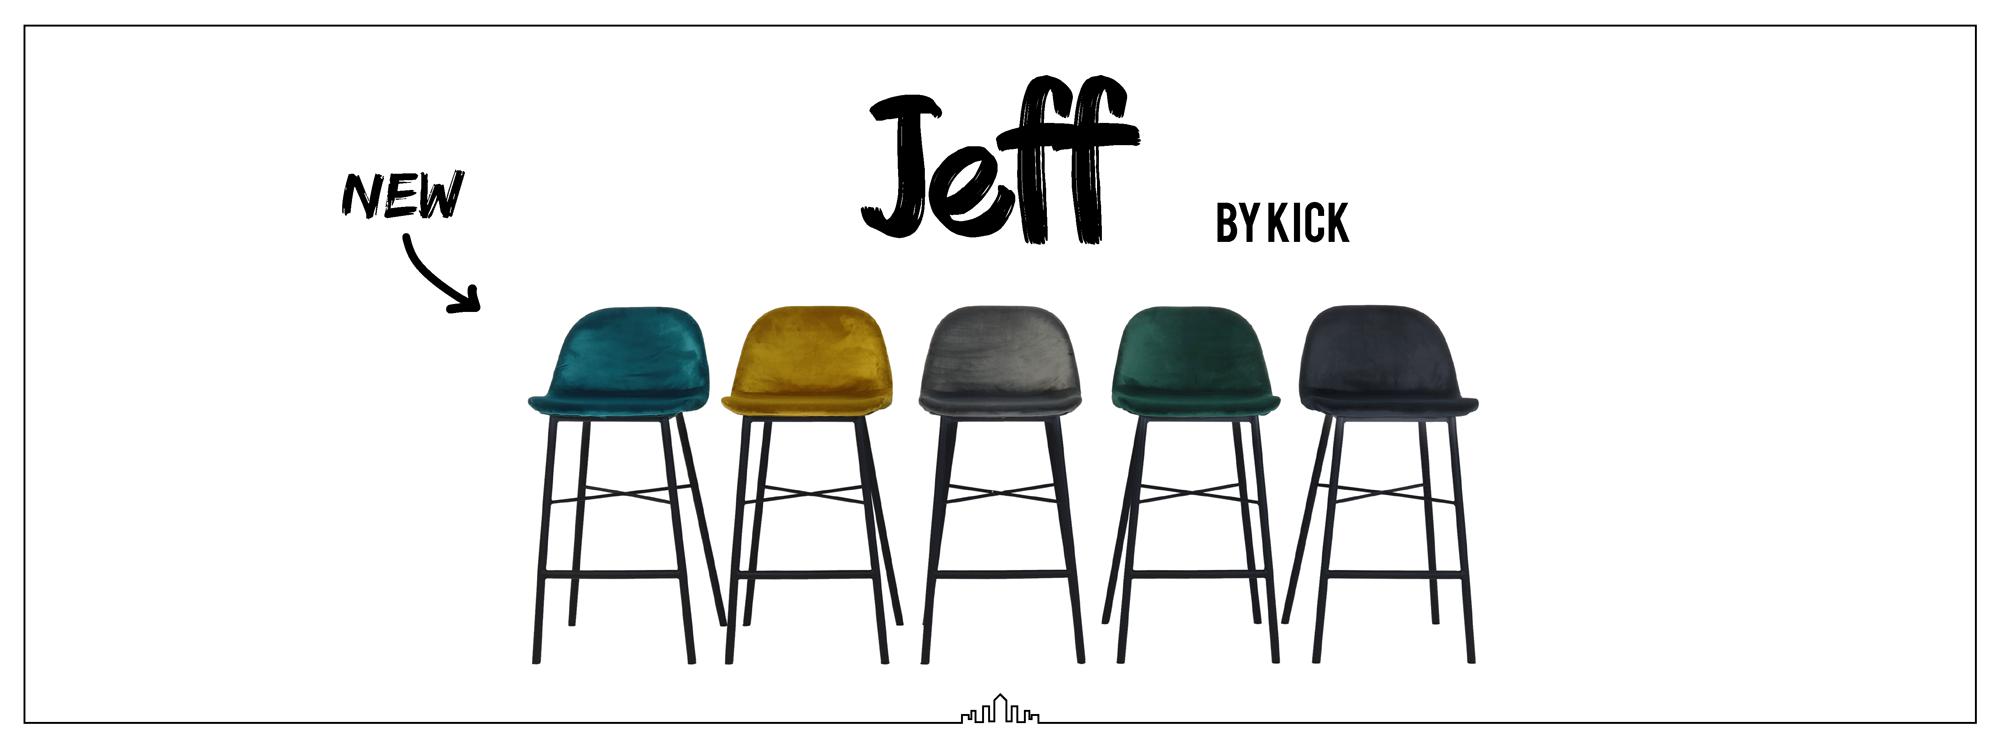 Kick barkruk Jeff